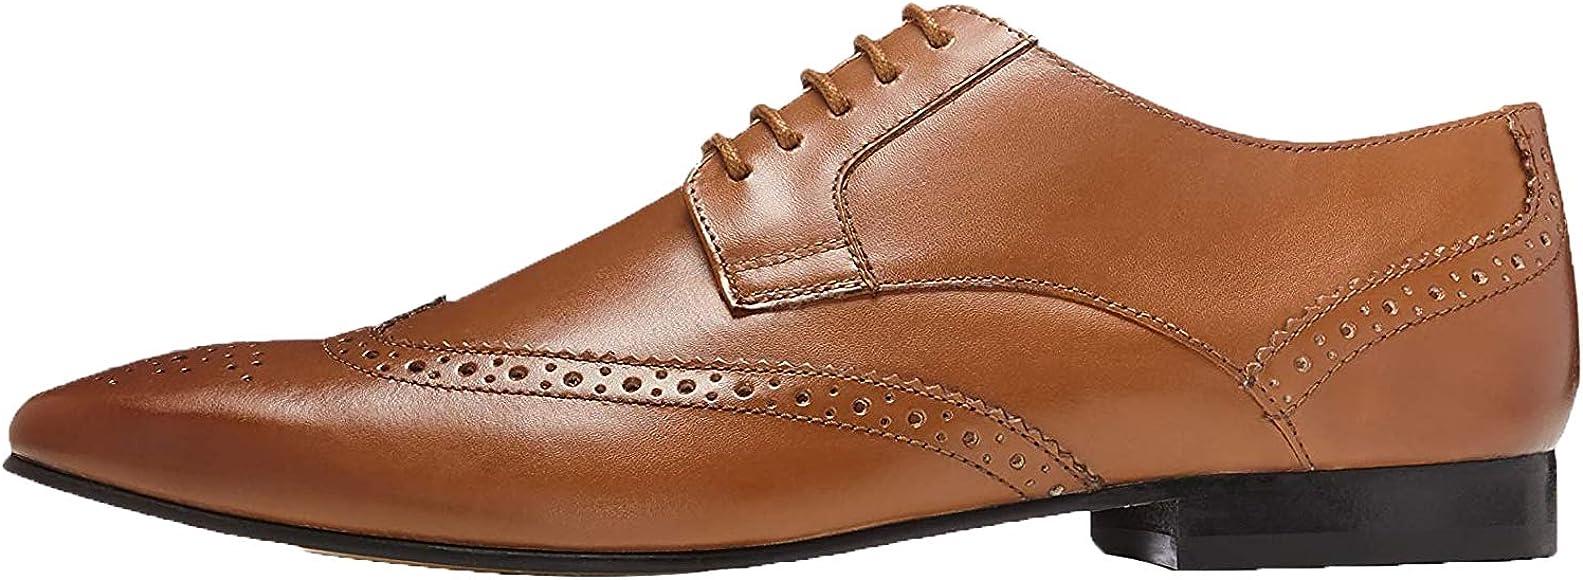 Marca Amazon find. Zapato Blucher de Piel con Calados para Hombre